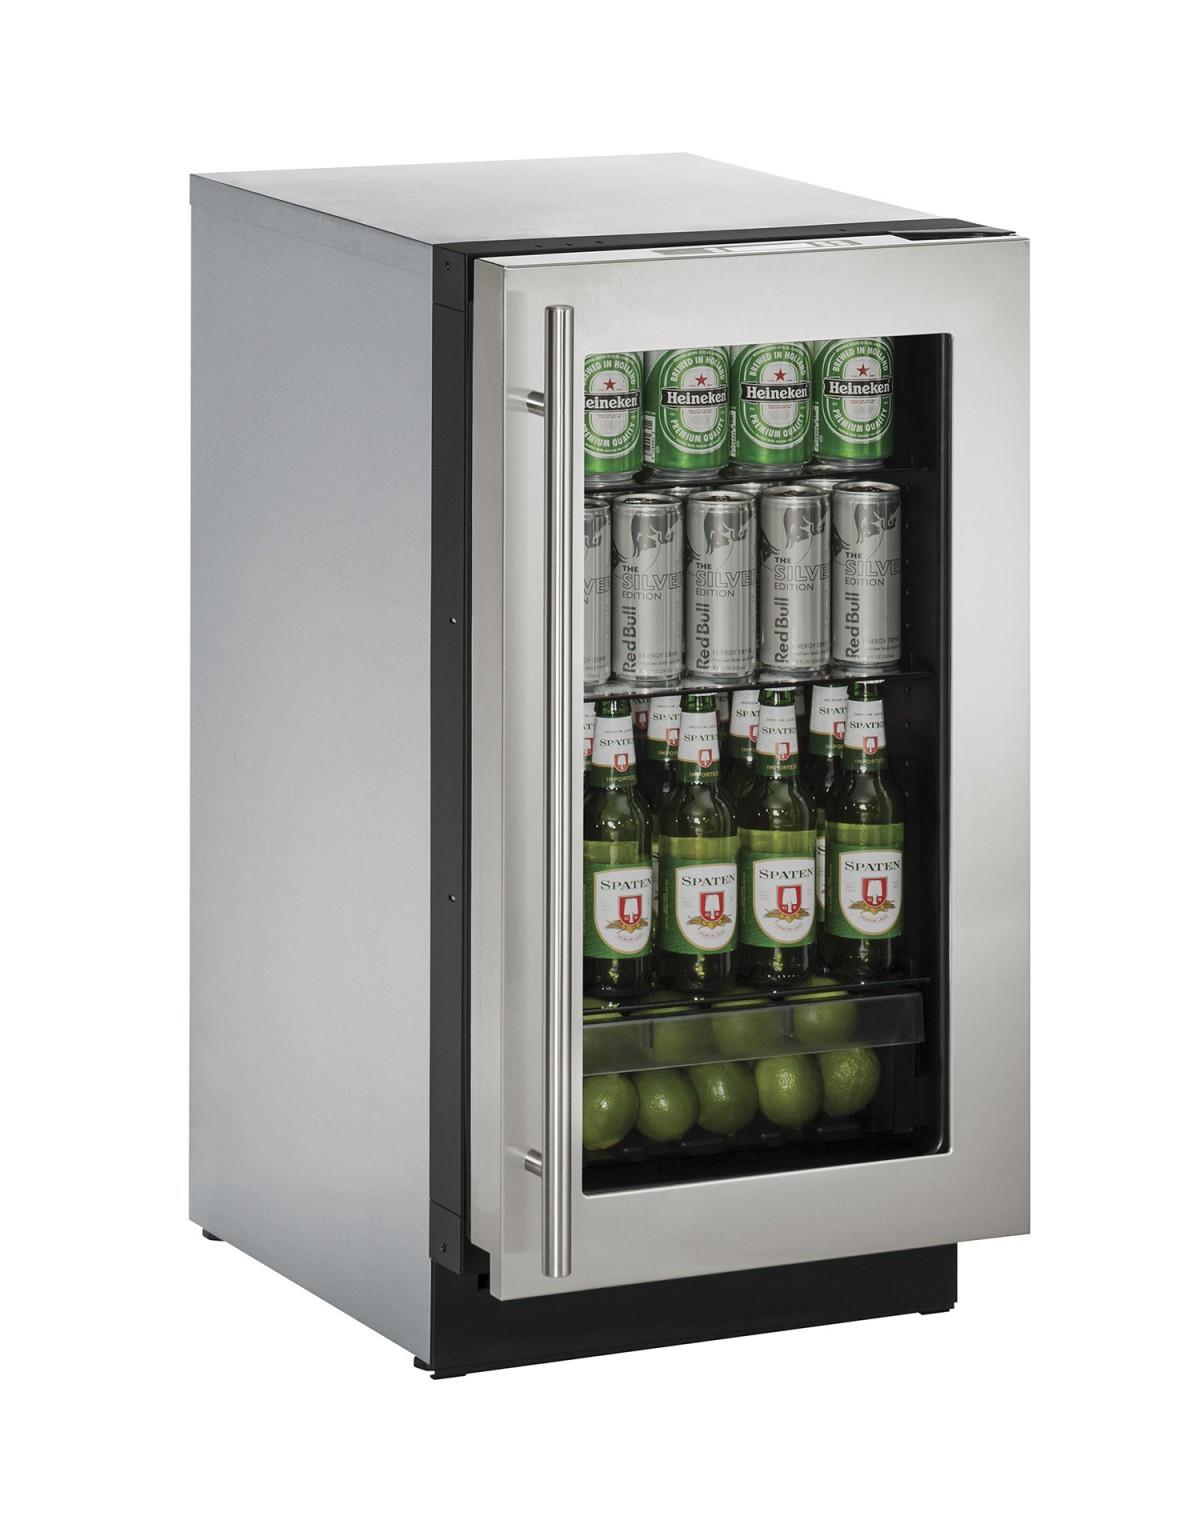 """U-Line Refrigerators 18"""" Glass Door Compact Refrigerator - Item Number: U-3018RGLS-00A"""